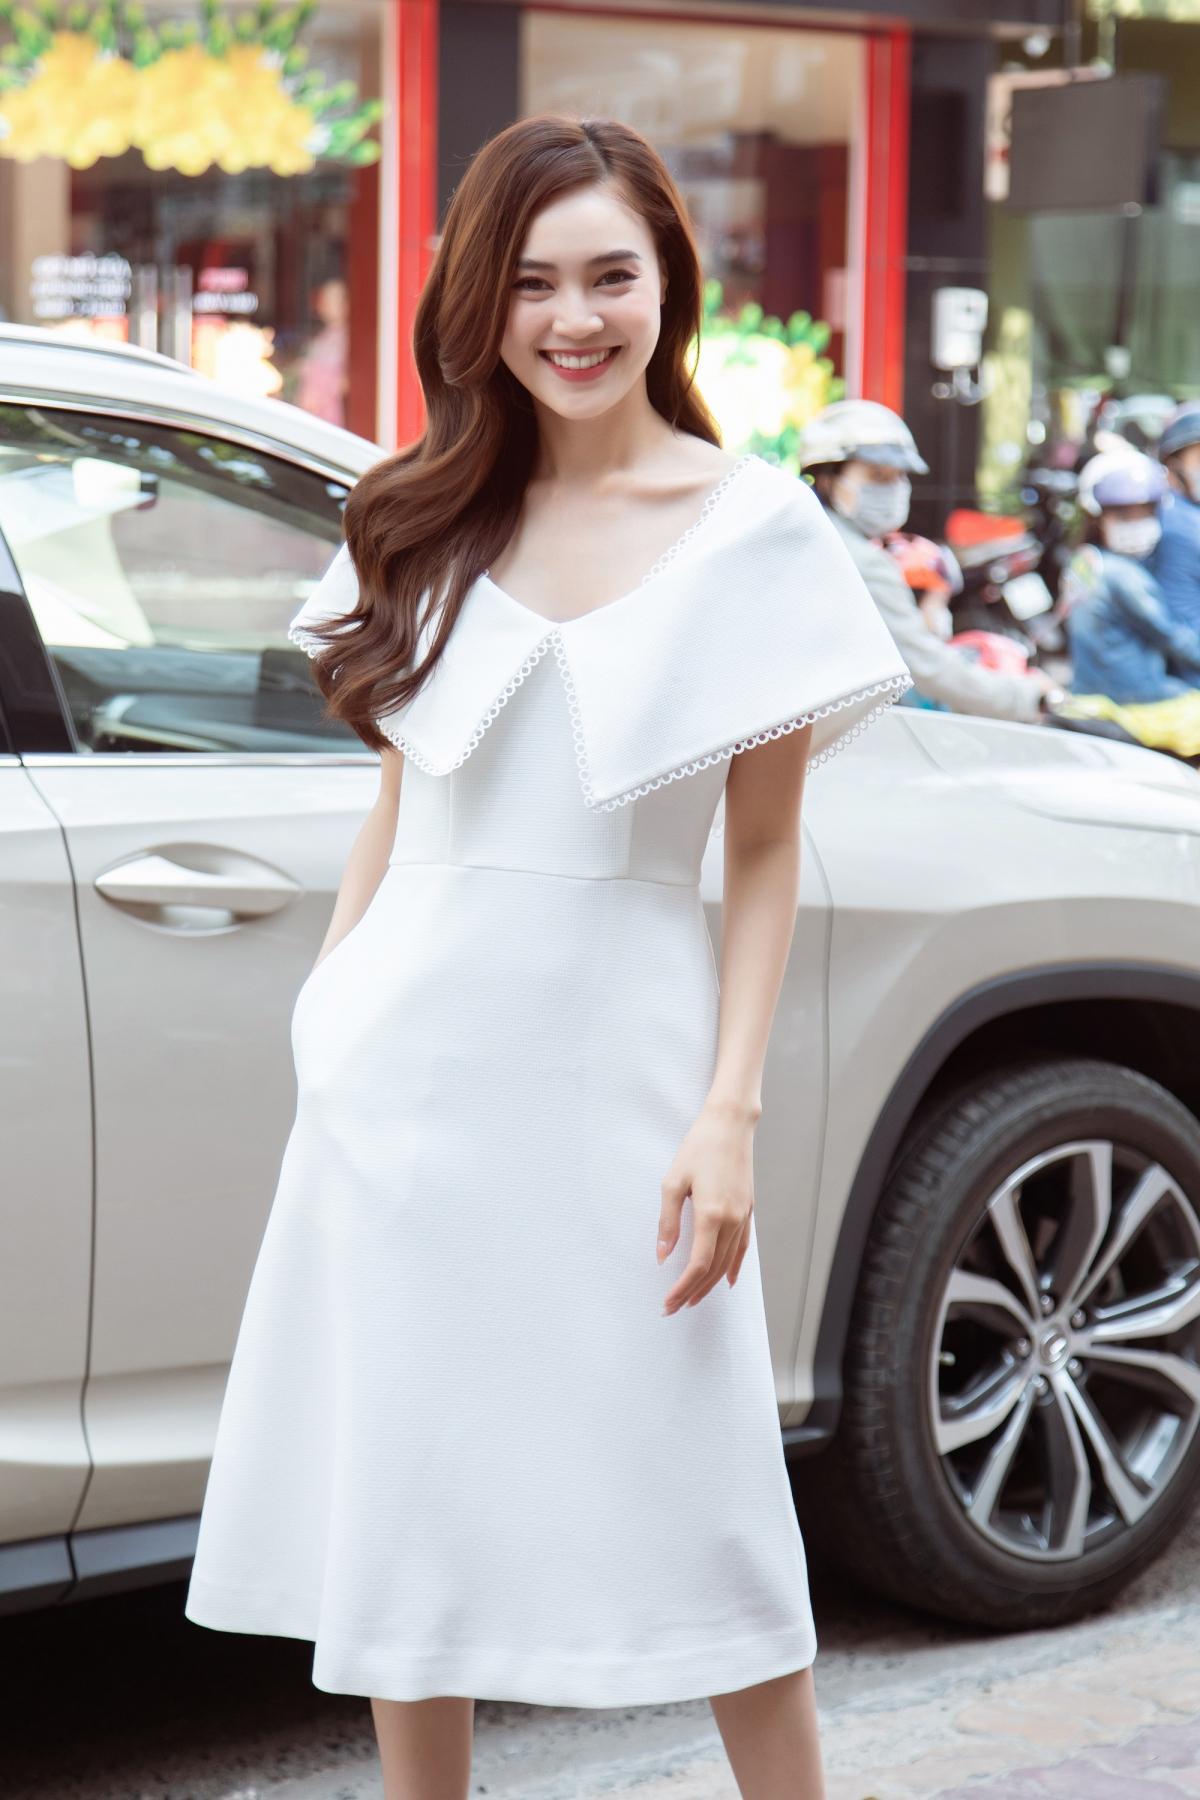 Mái tóc uốn xoăn bồng bềnh cùng kiểu trang điểm nhẹ nhàng càng tôn lên nét trẻ trung, đằm thắm của nữ diễn viên.